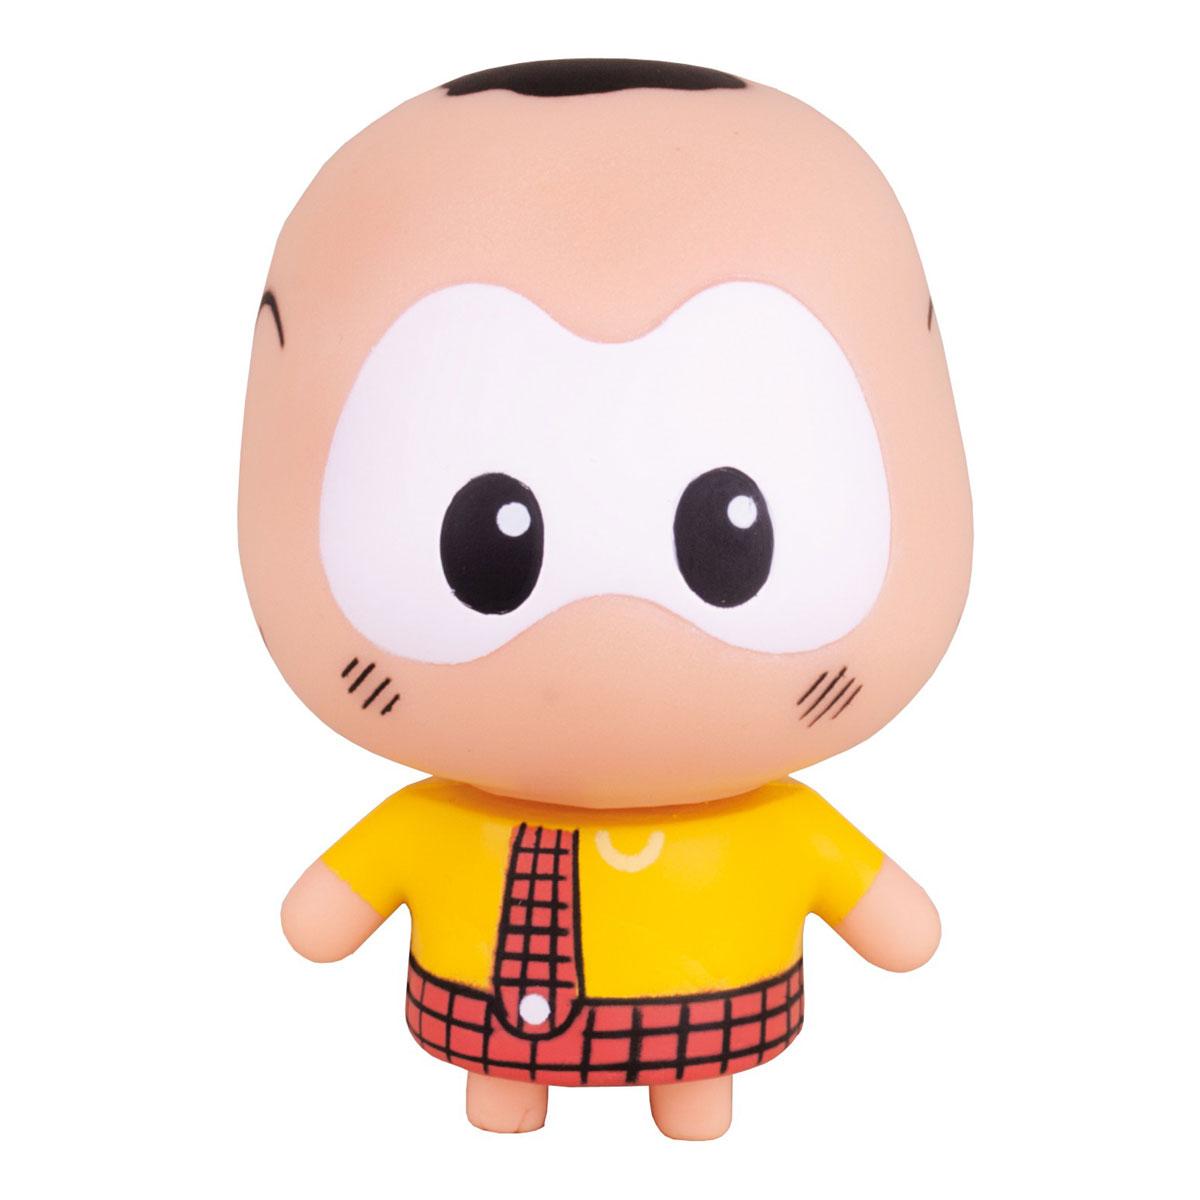 Boneco Turma da Mônica Toy Art Cascão